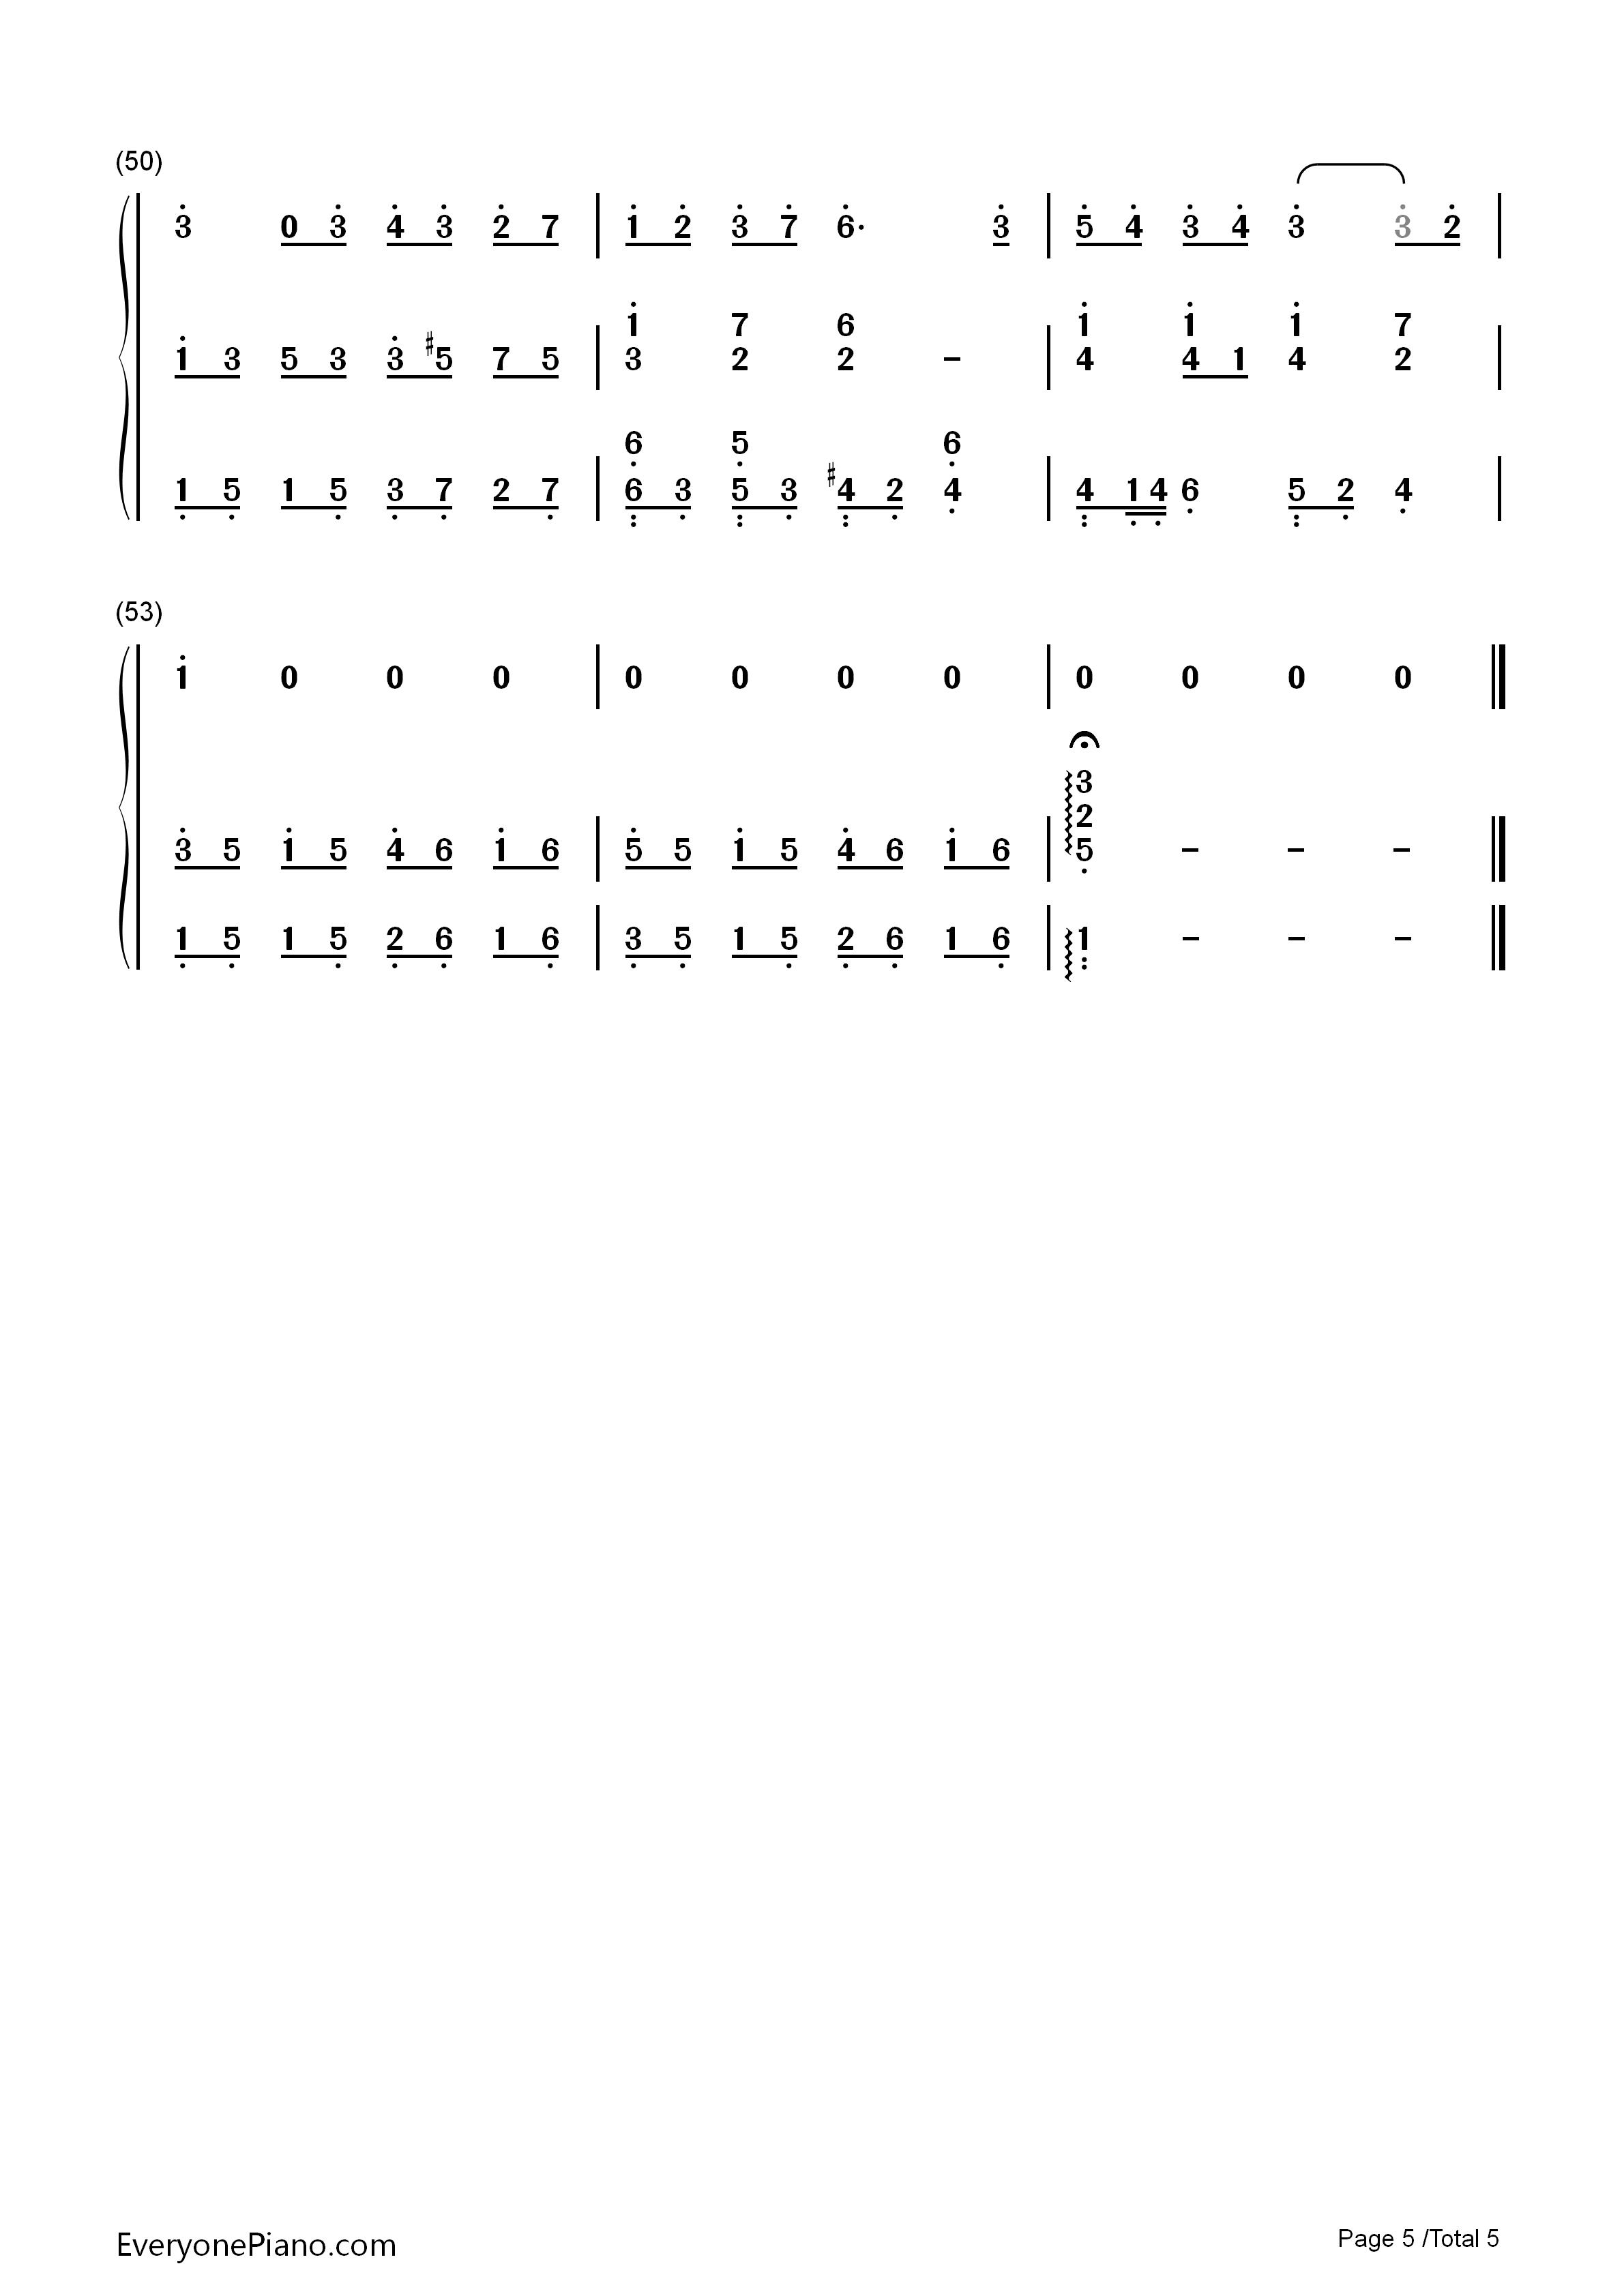 彩虹伴奏版-周杰伦双手简谱预览5